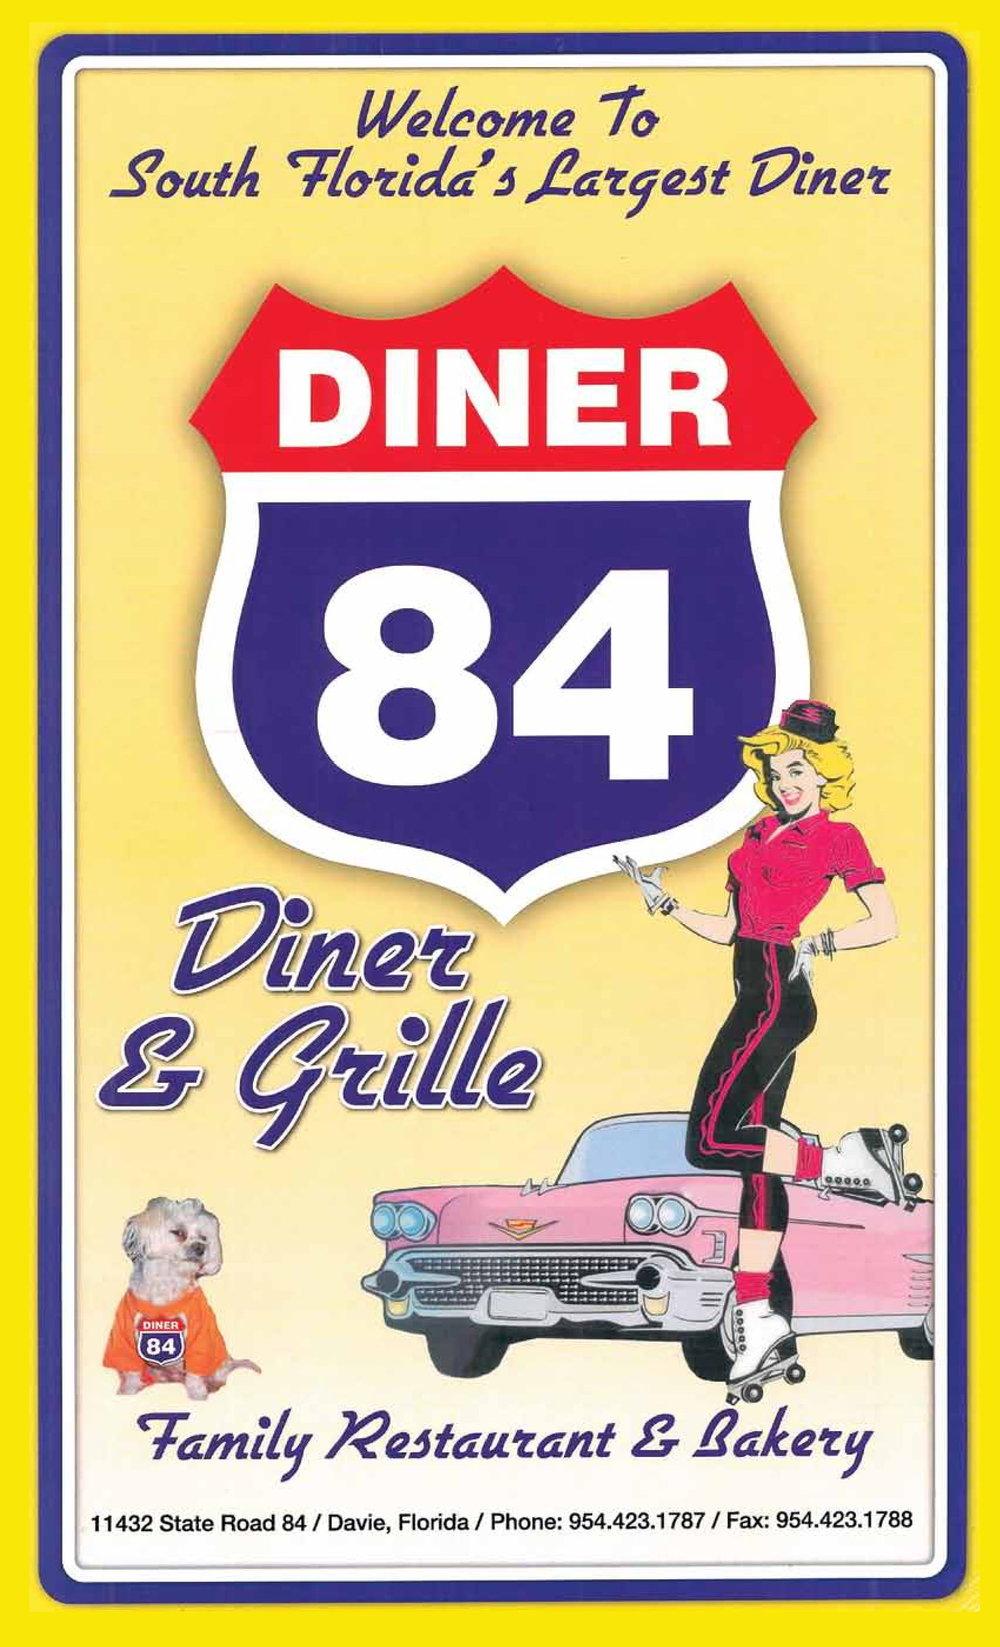 2018-1203_84 Diner menu-1.jpg